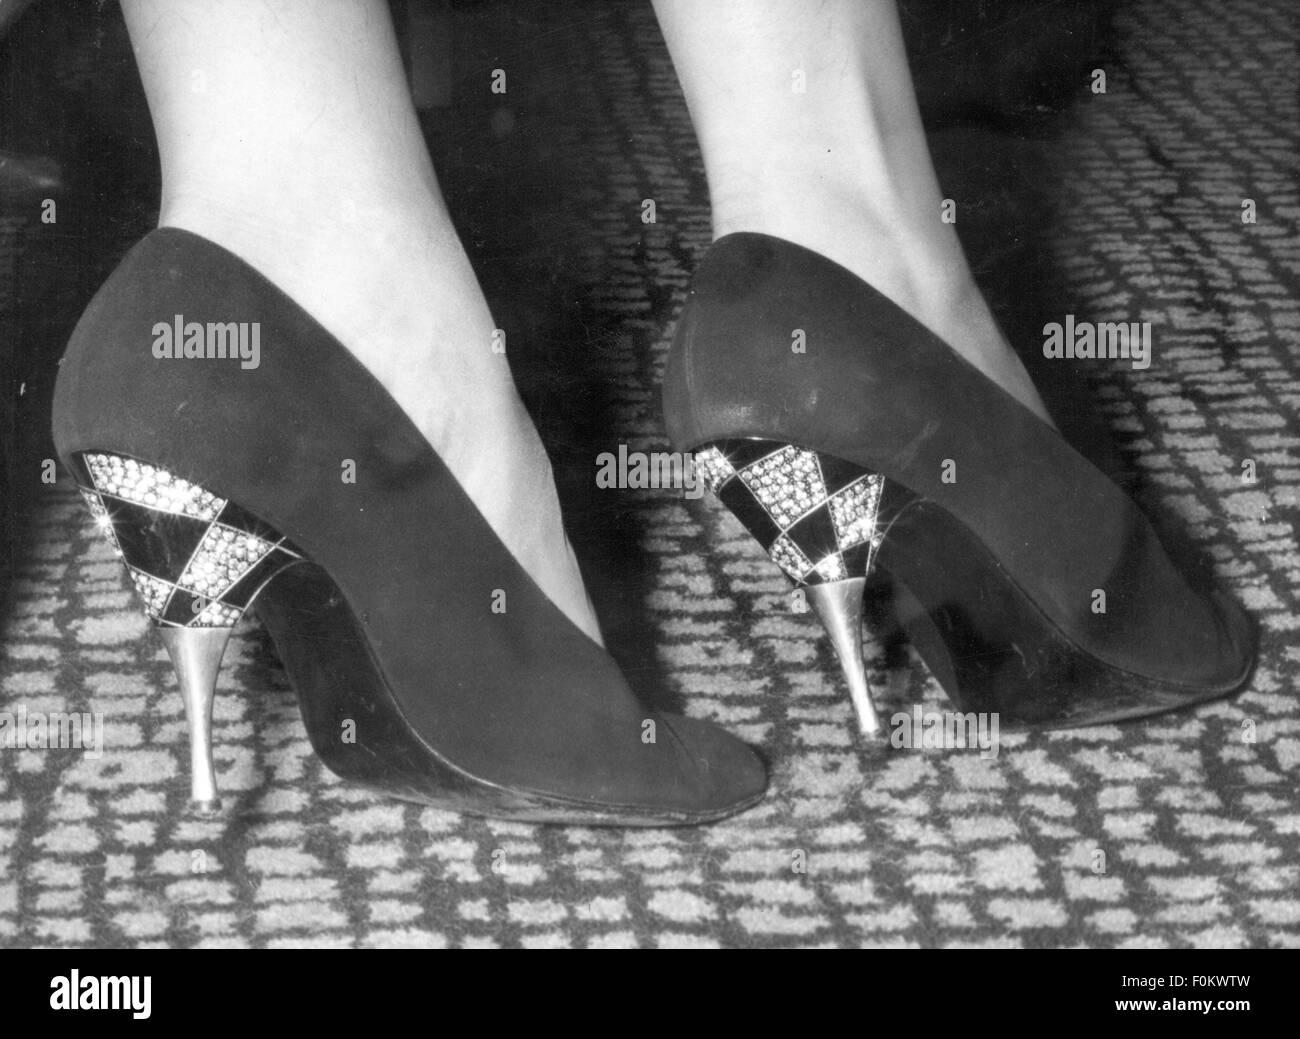 La moda degli anni cinquanta, scarpe con i tacchi alti calzatura adornata con brillanti e strass, indossato da attrice Immagini Stock